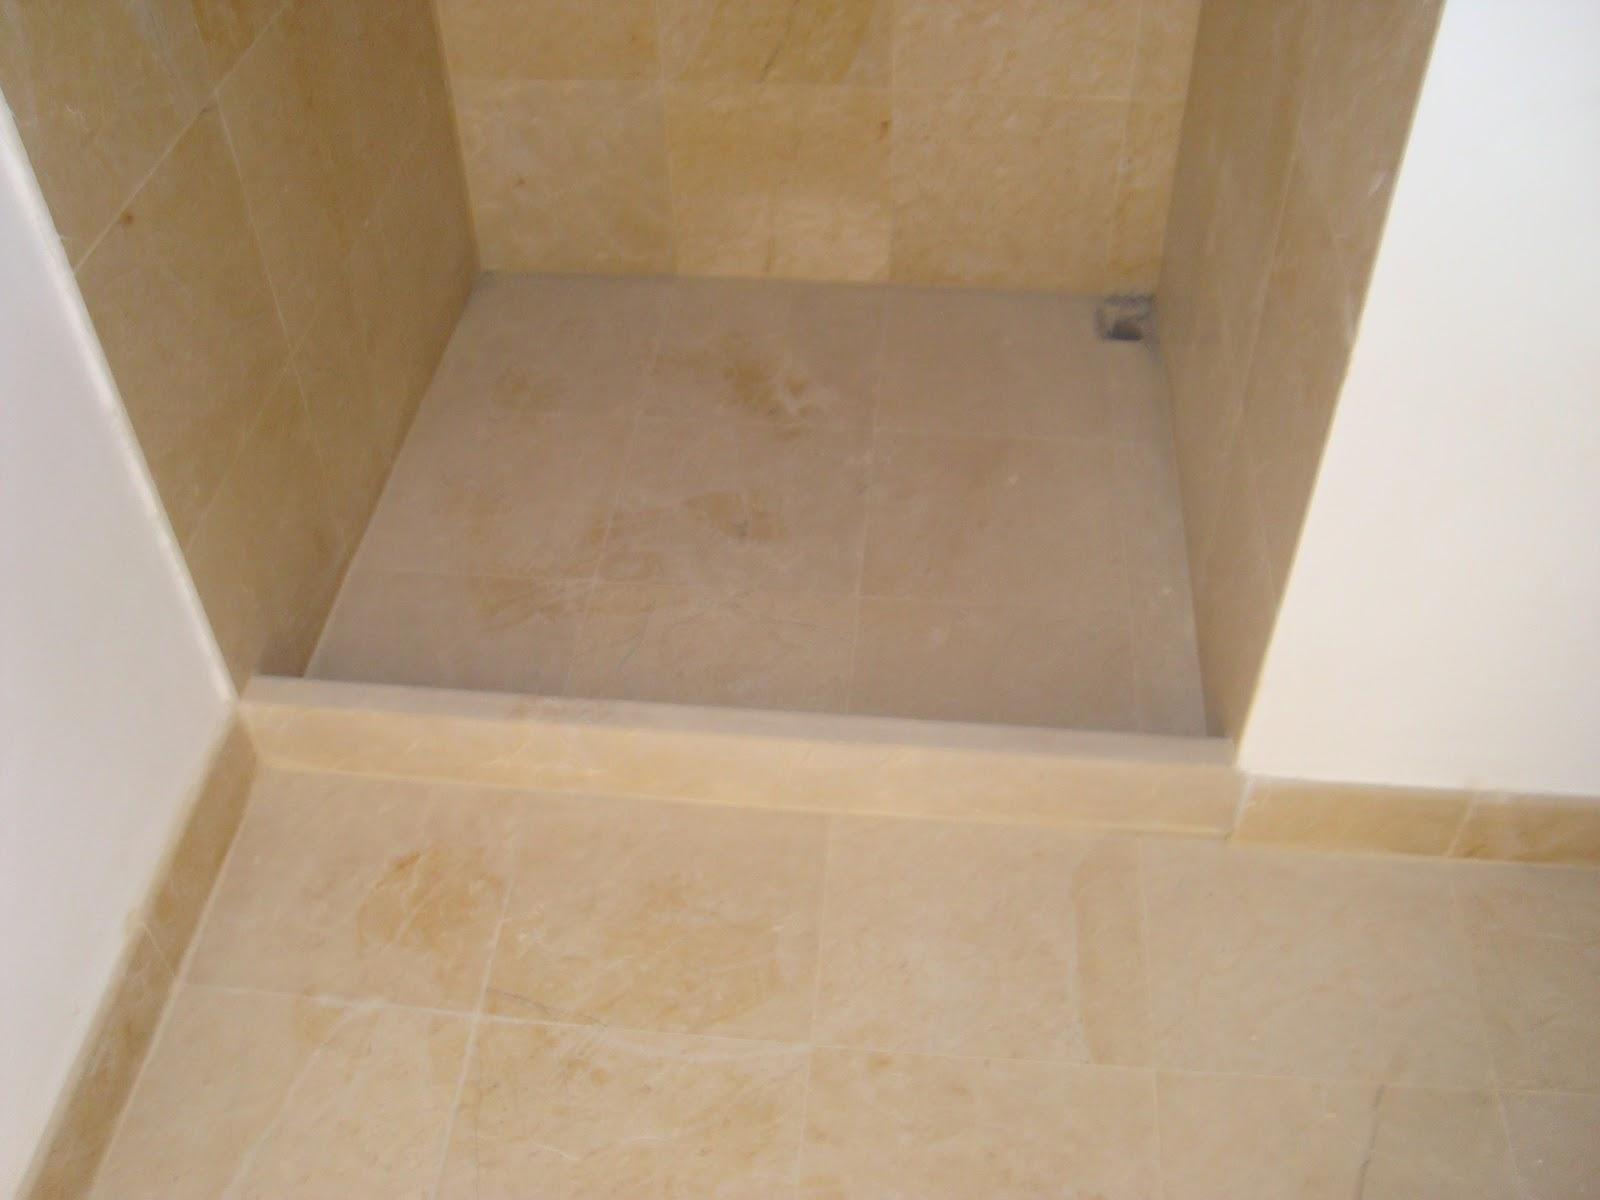 Roman de la rosa romero ba os forrados con marmol for Con que limpiar el marmol